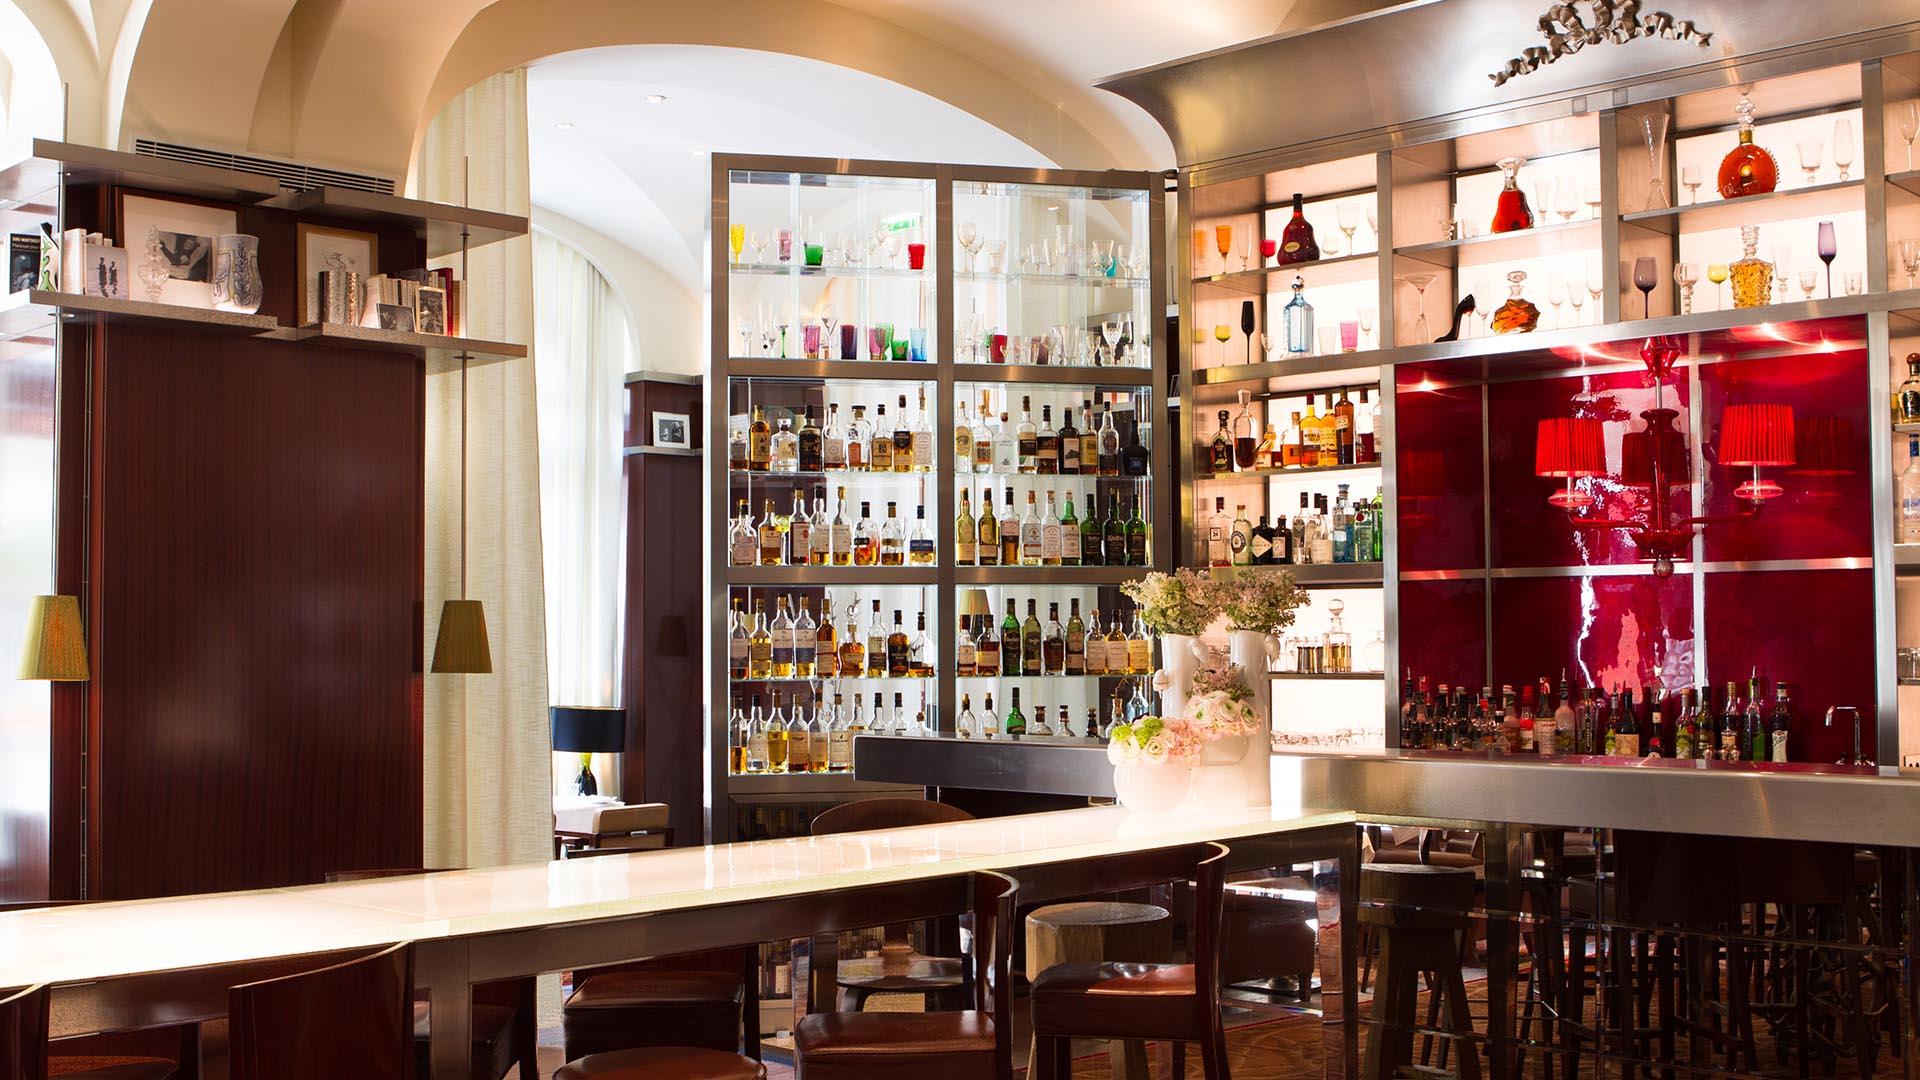 Le bar long le royal monceau for Restaurant le jardin royal monceau